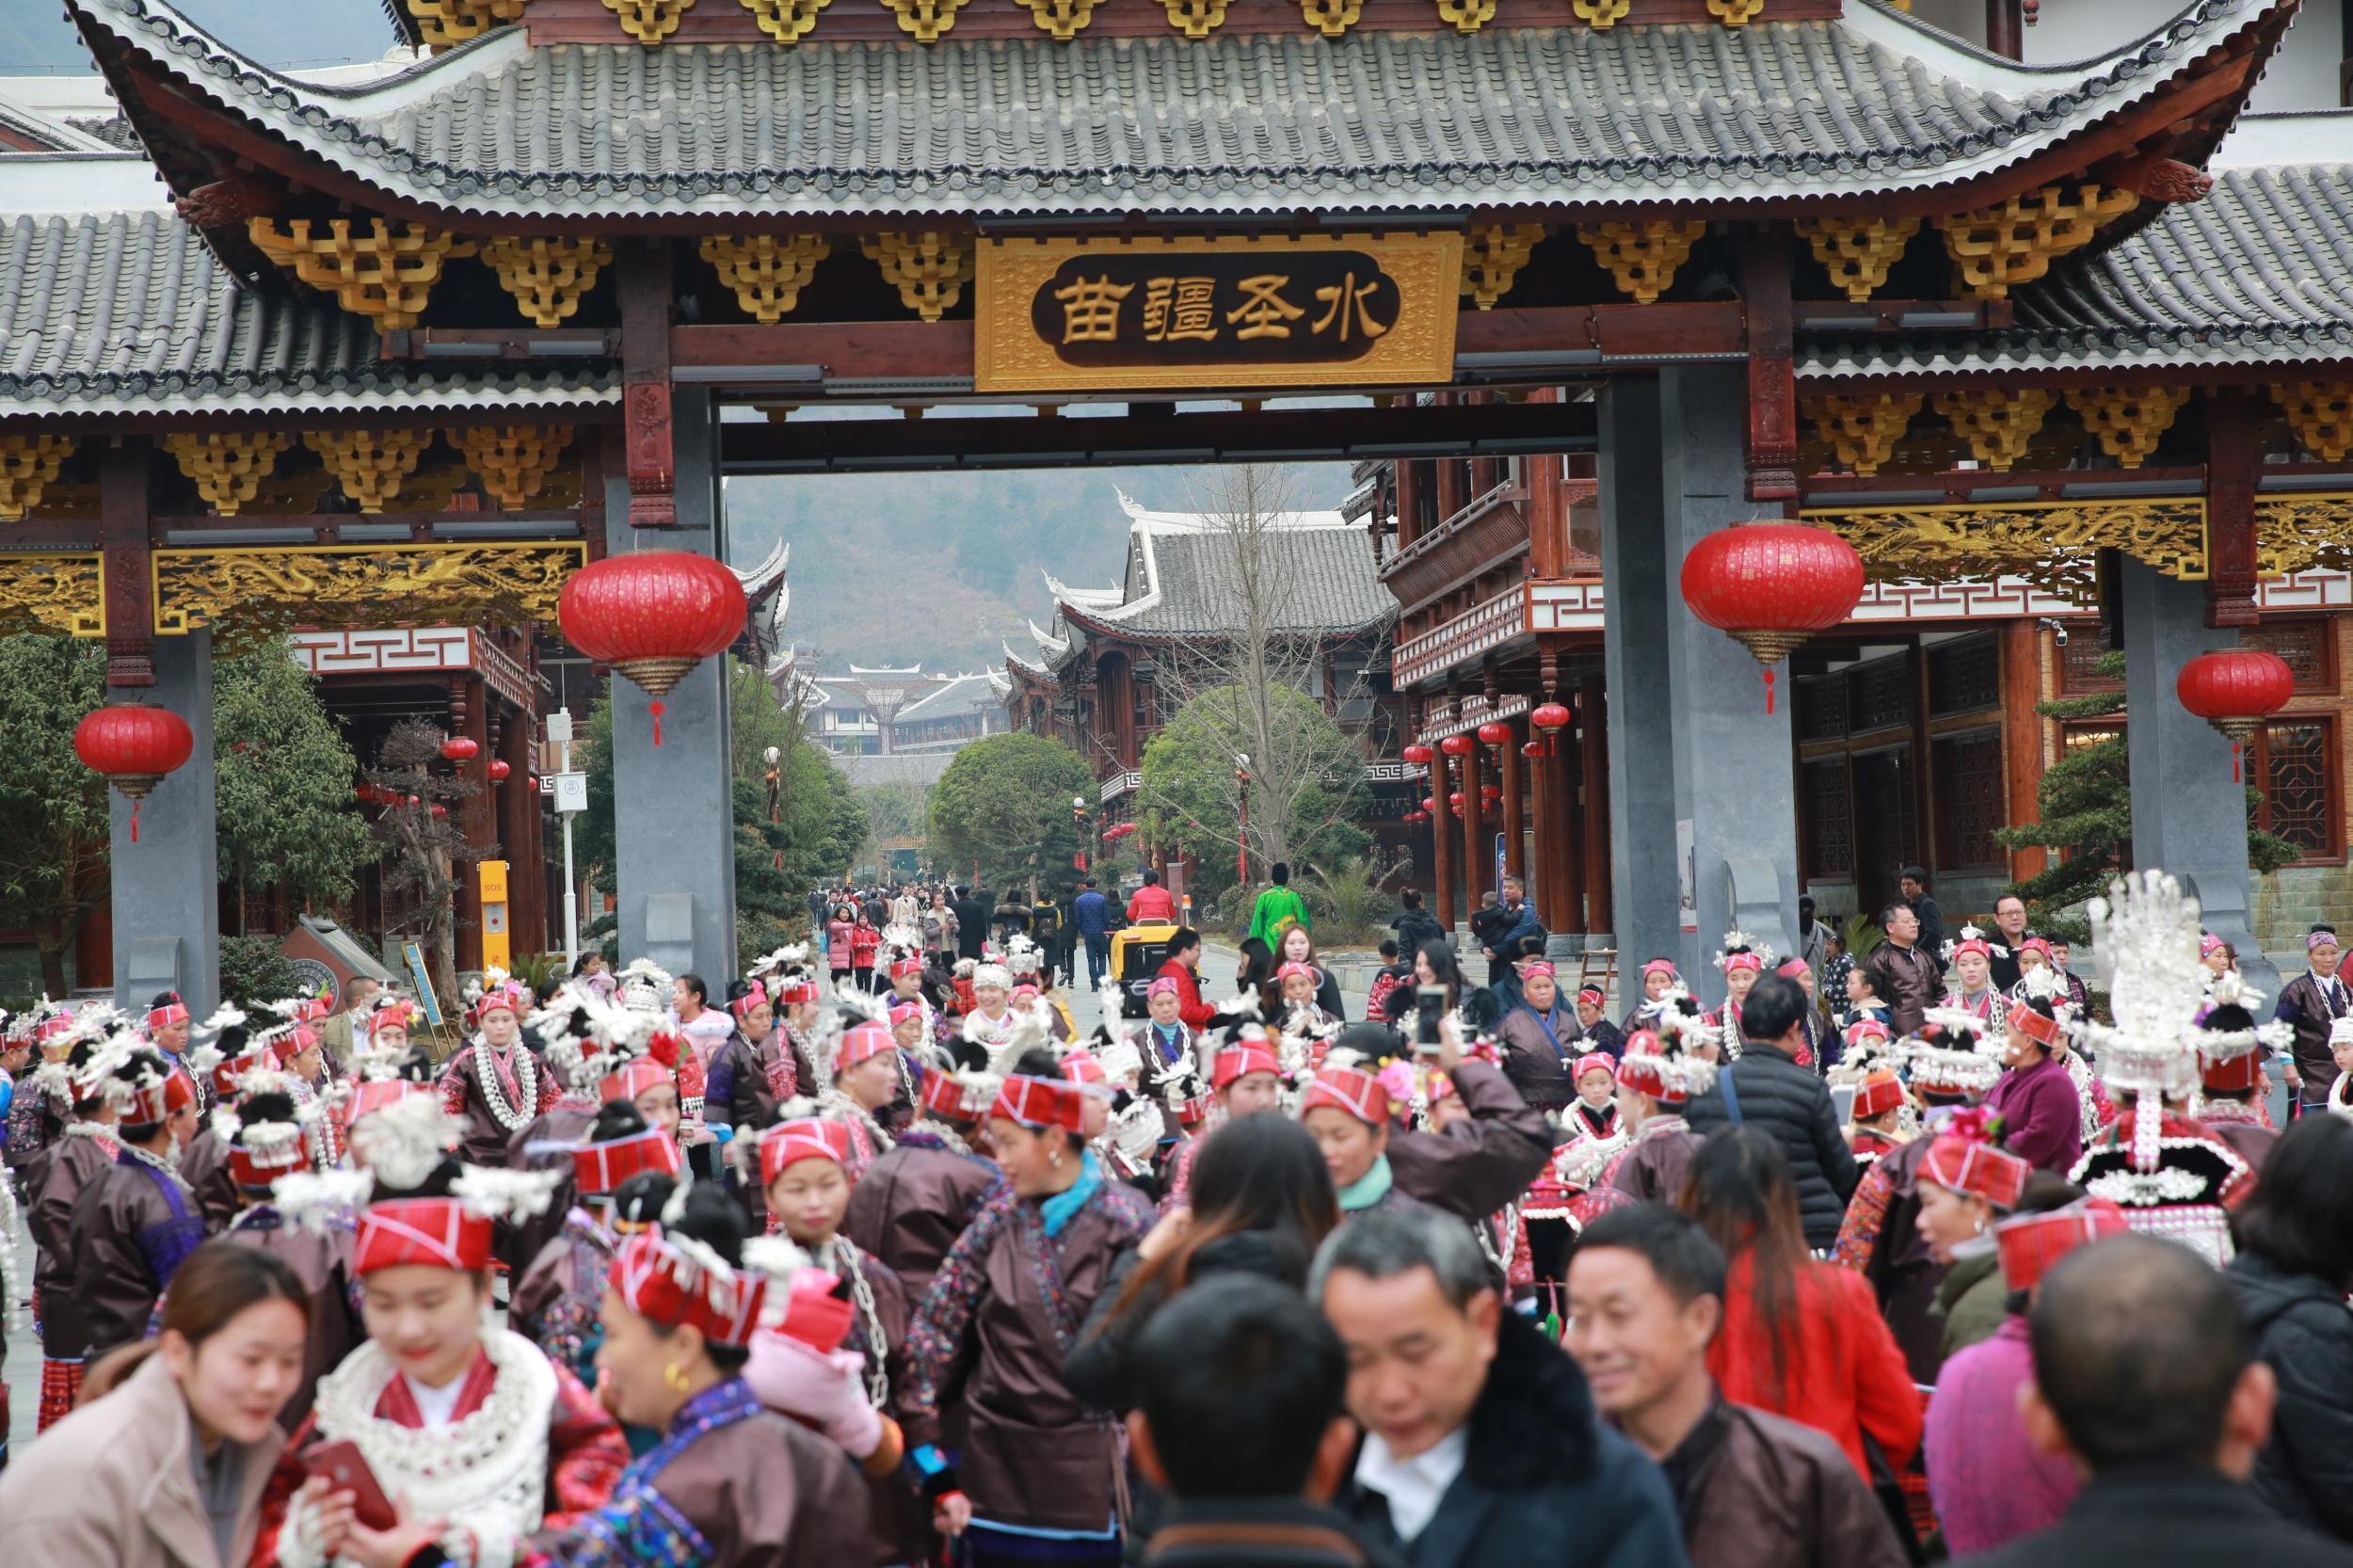 剑河温泉城春节民族文化走秀 游客爆满实现开门红